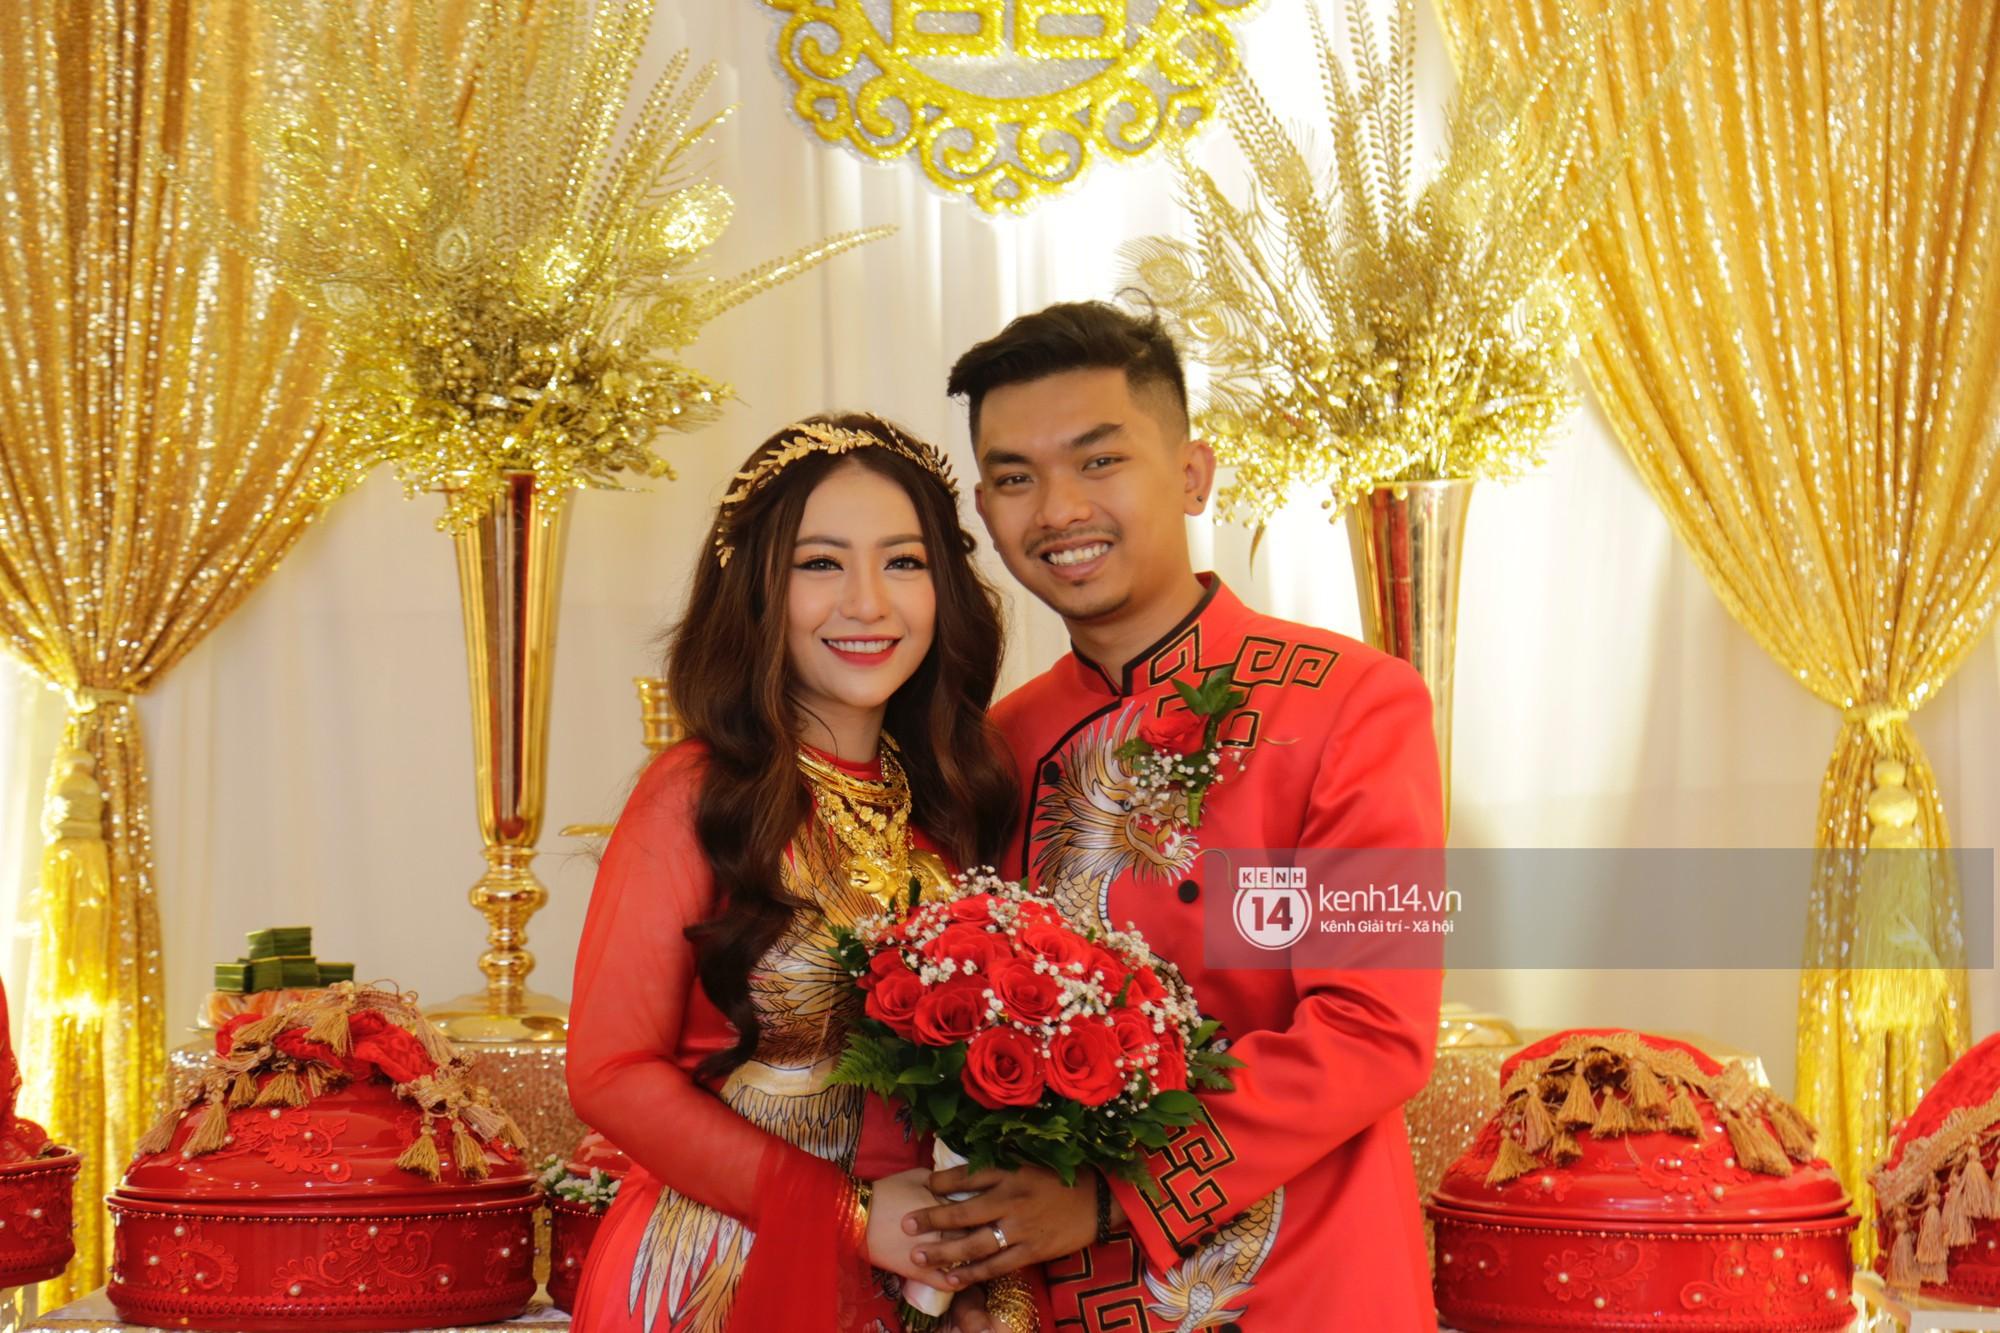 Chưa hết 1 tháng đầu năm 2019, showbiz Việt đã rộn ràng đón nhận liên tiếp 7 tin báo hỷ - Ảnh 21.